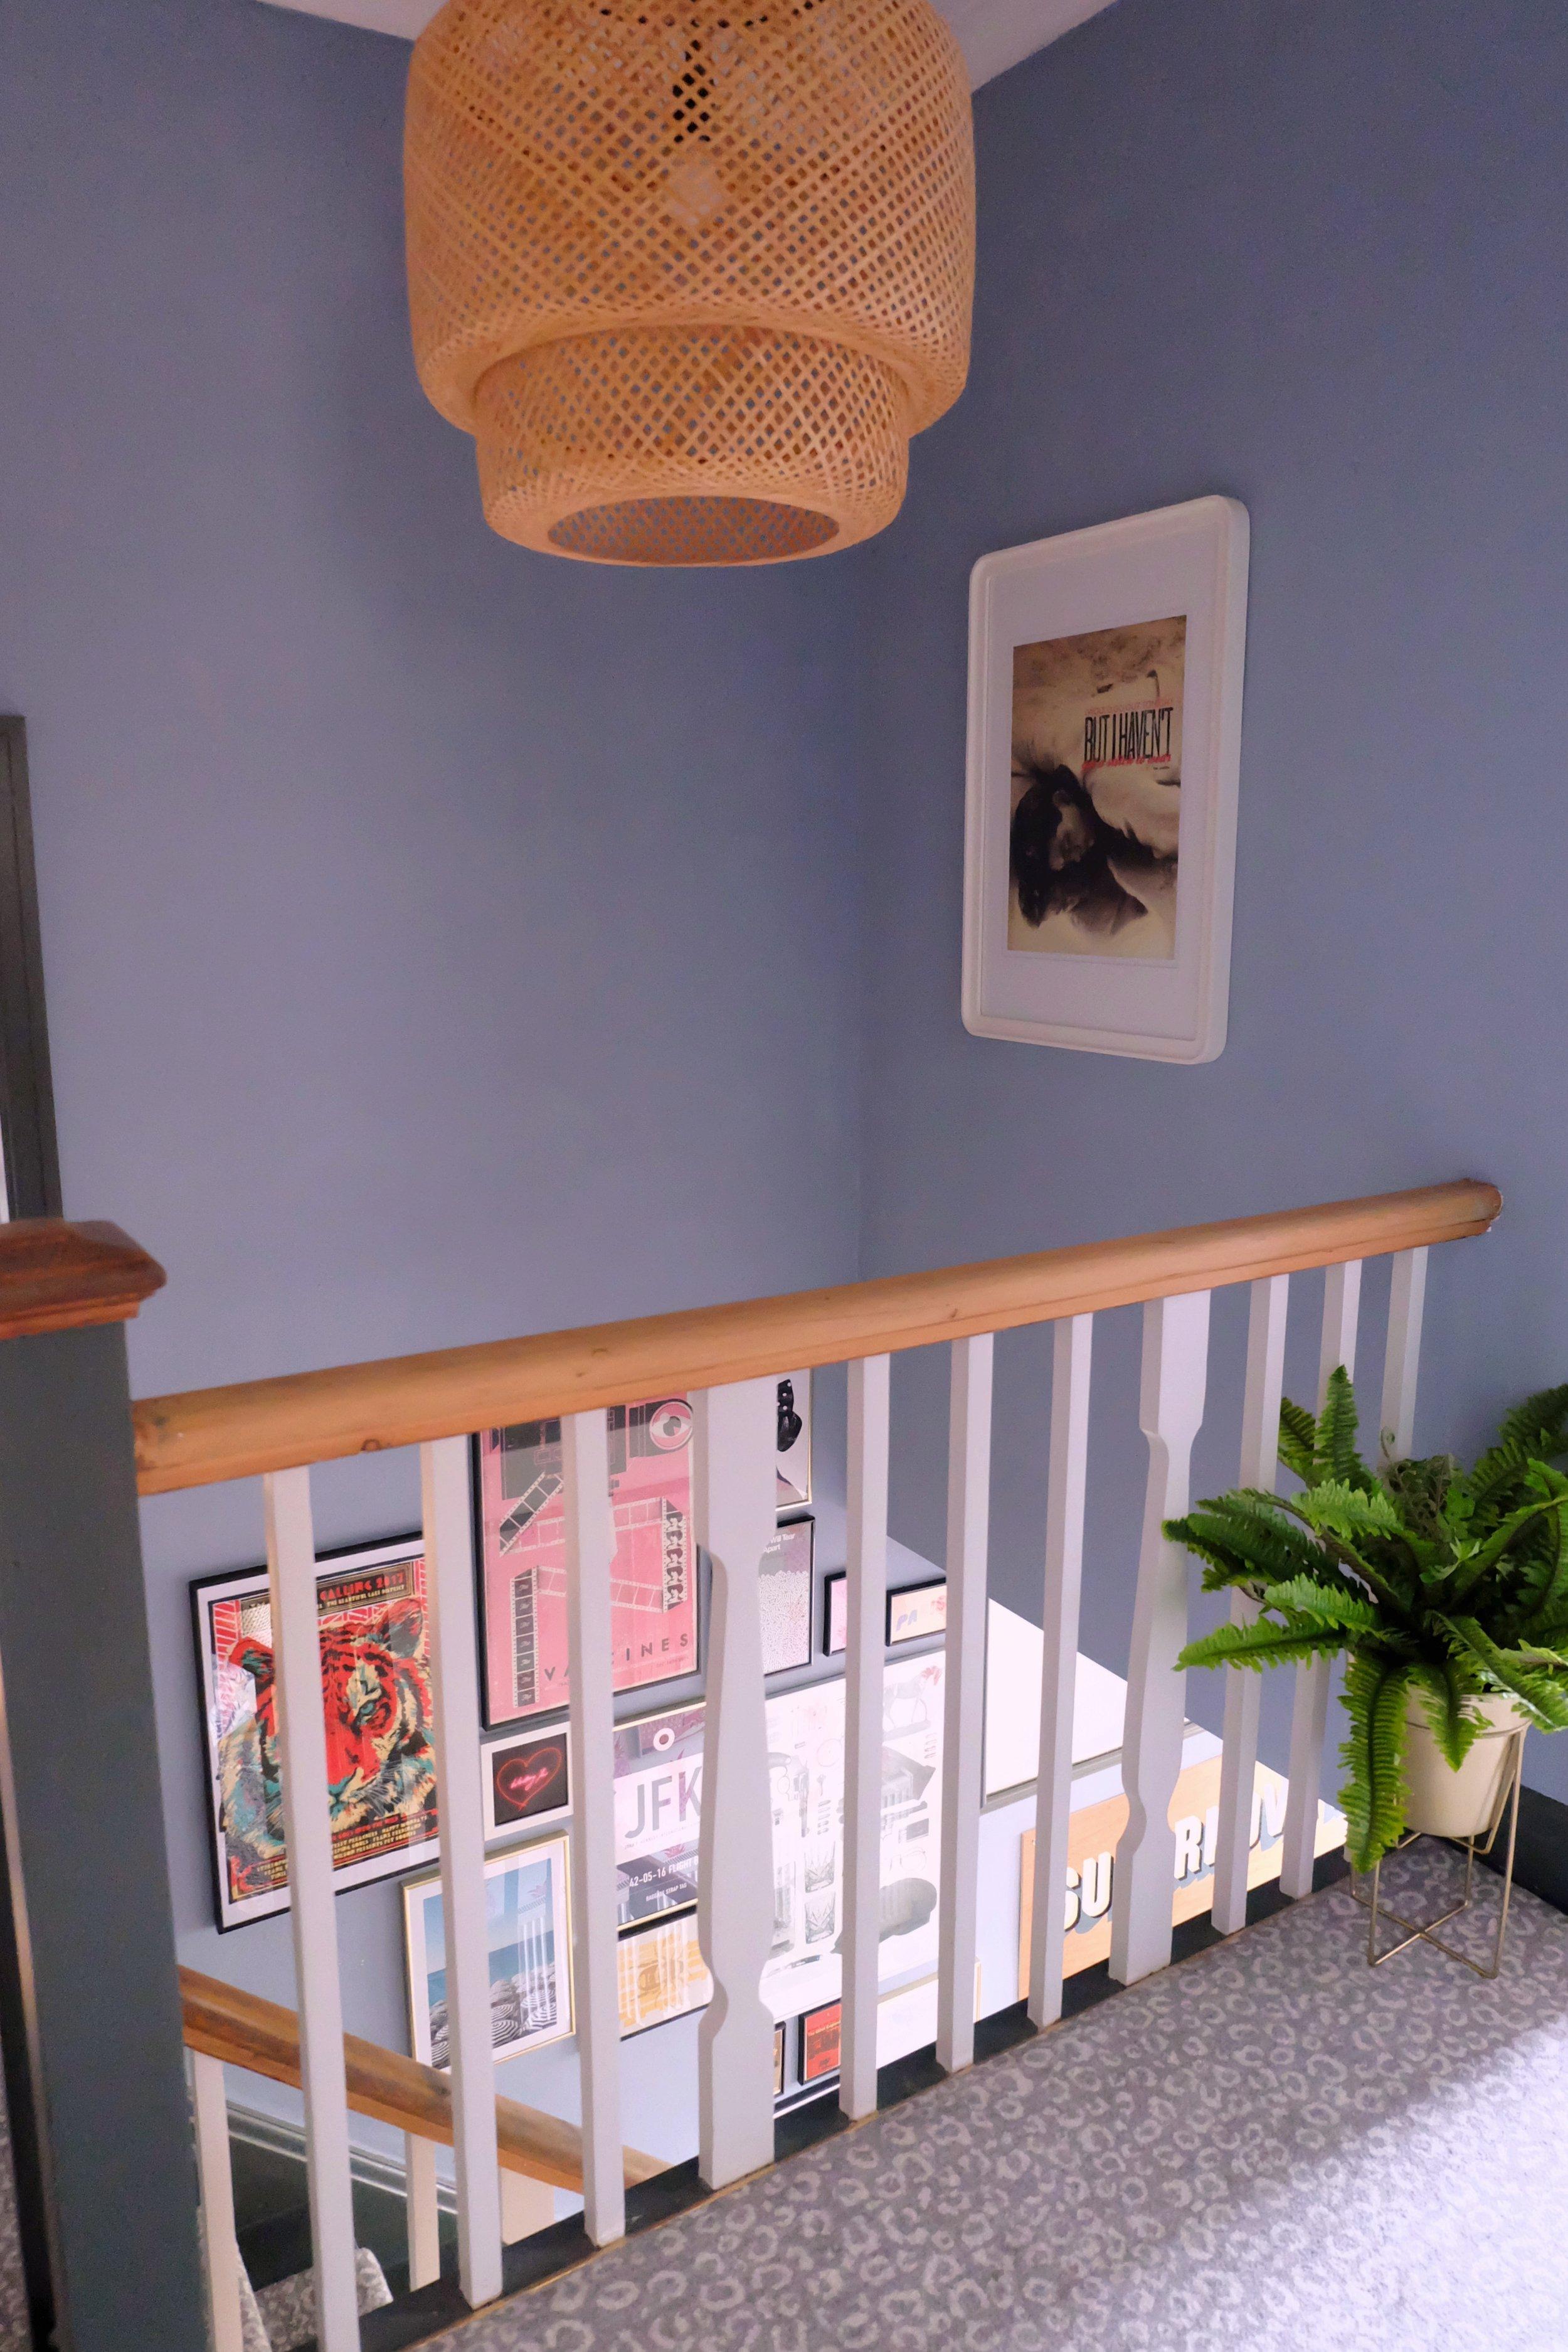 Eclectic hallway decor